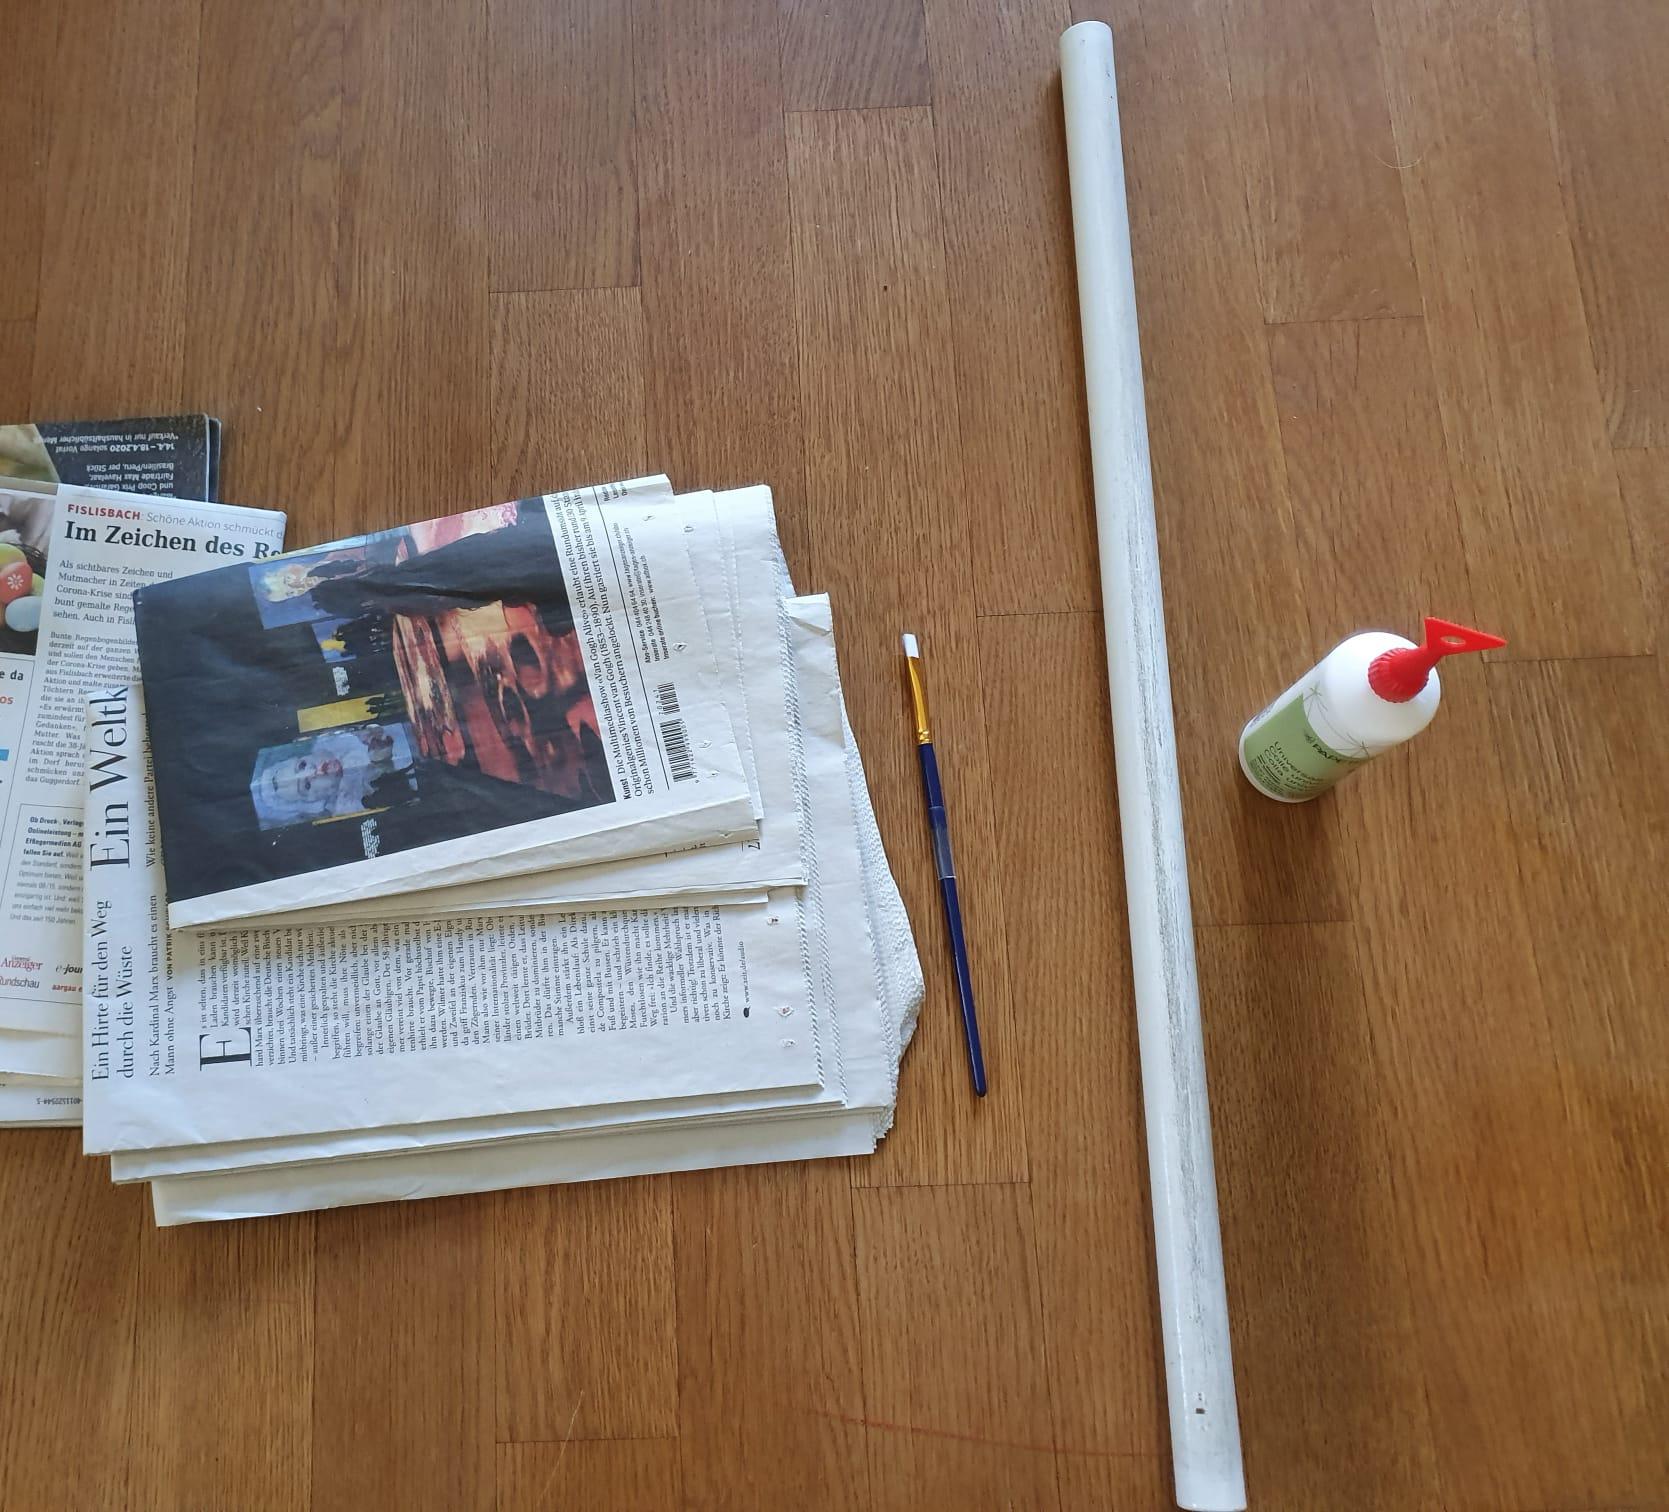 Du brauchst alte Zeitungen (wenn es farbig sein soll, Zeitschriften oder Comics). Leim, einen dünnen Stab oder Stock und einen Pinsel.